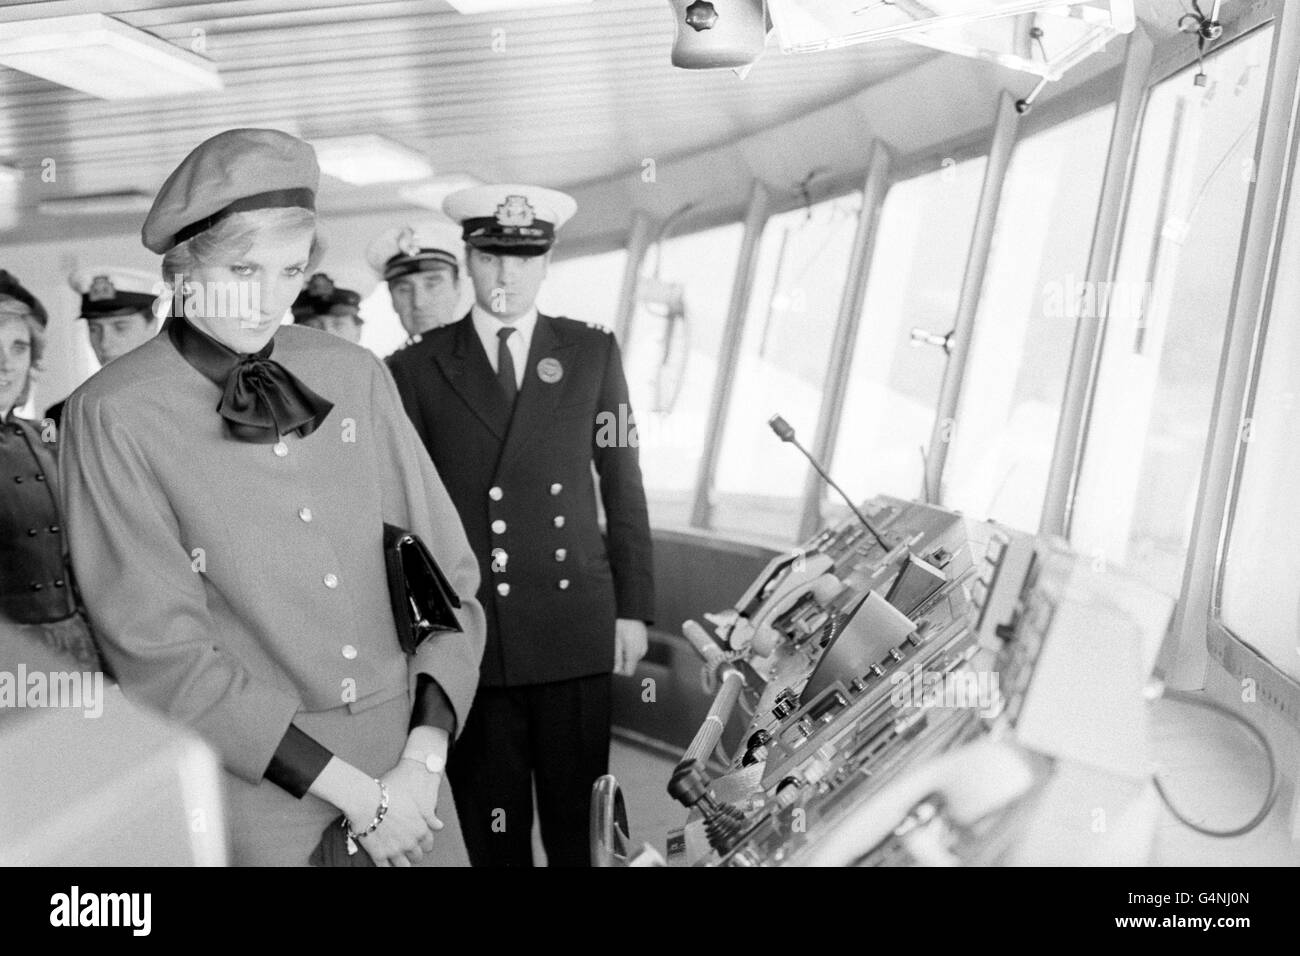 Royalty - Princess of Wales P&O Royal Princess Naming - Southampton - Stock Image